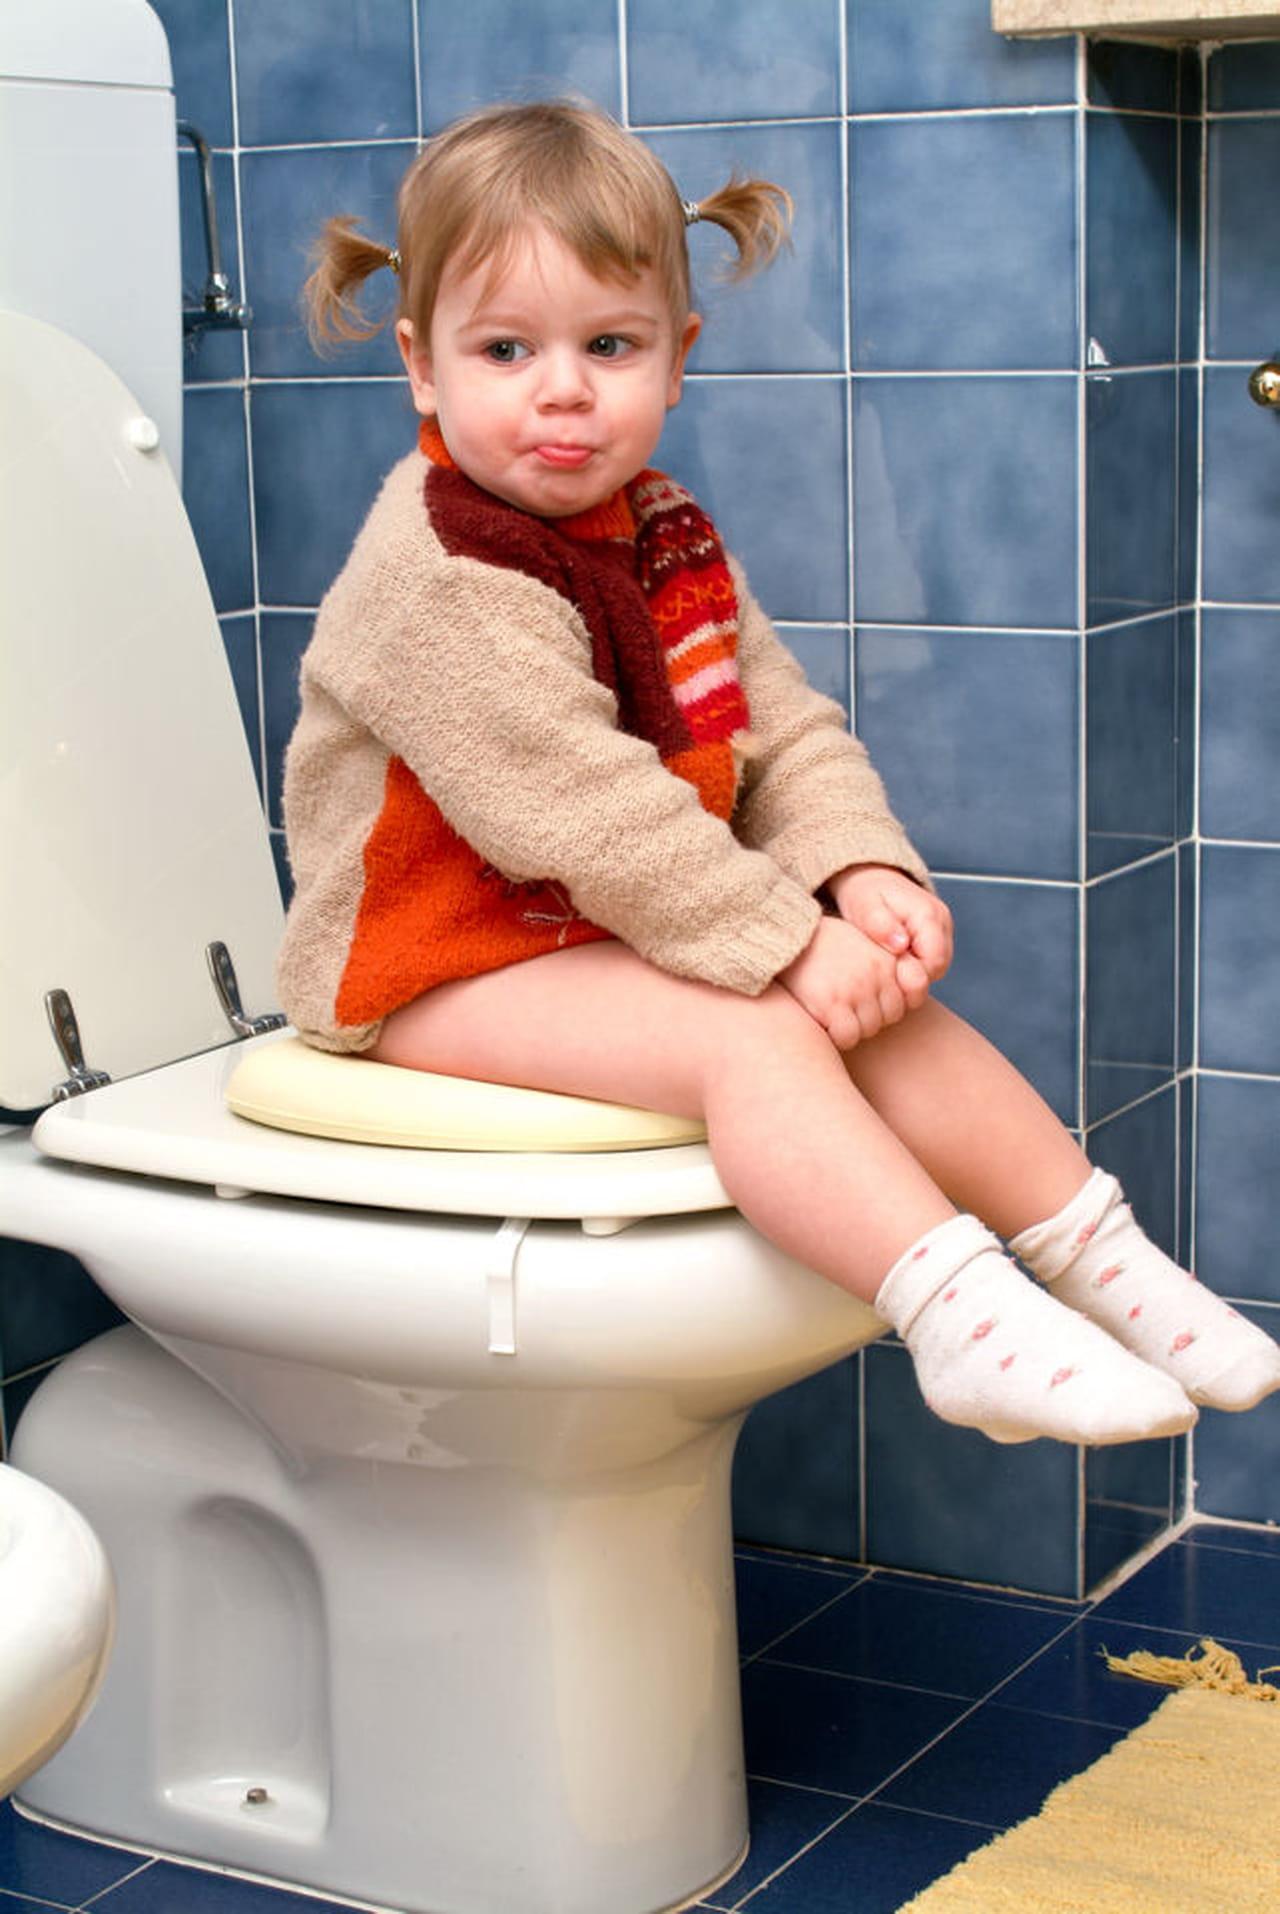 Stitichezza nei bambini cause e rimedi - Stitichezza cosa mangiare per andare in bagno ...